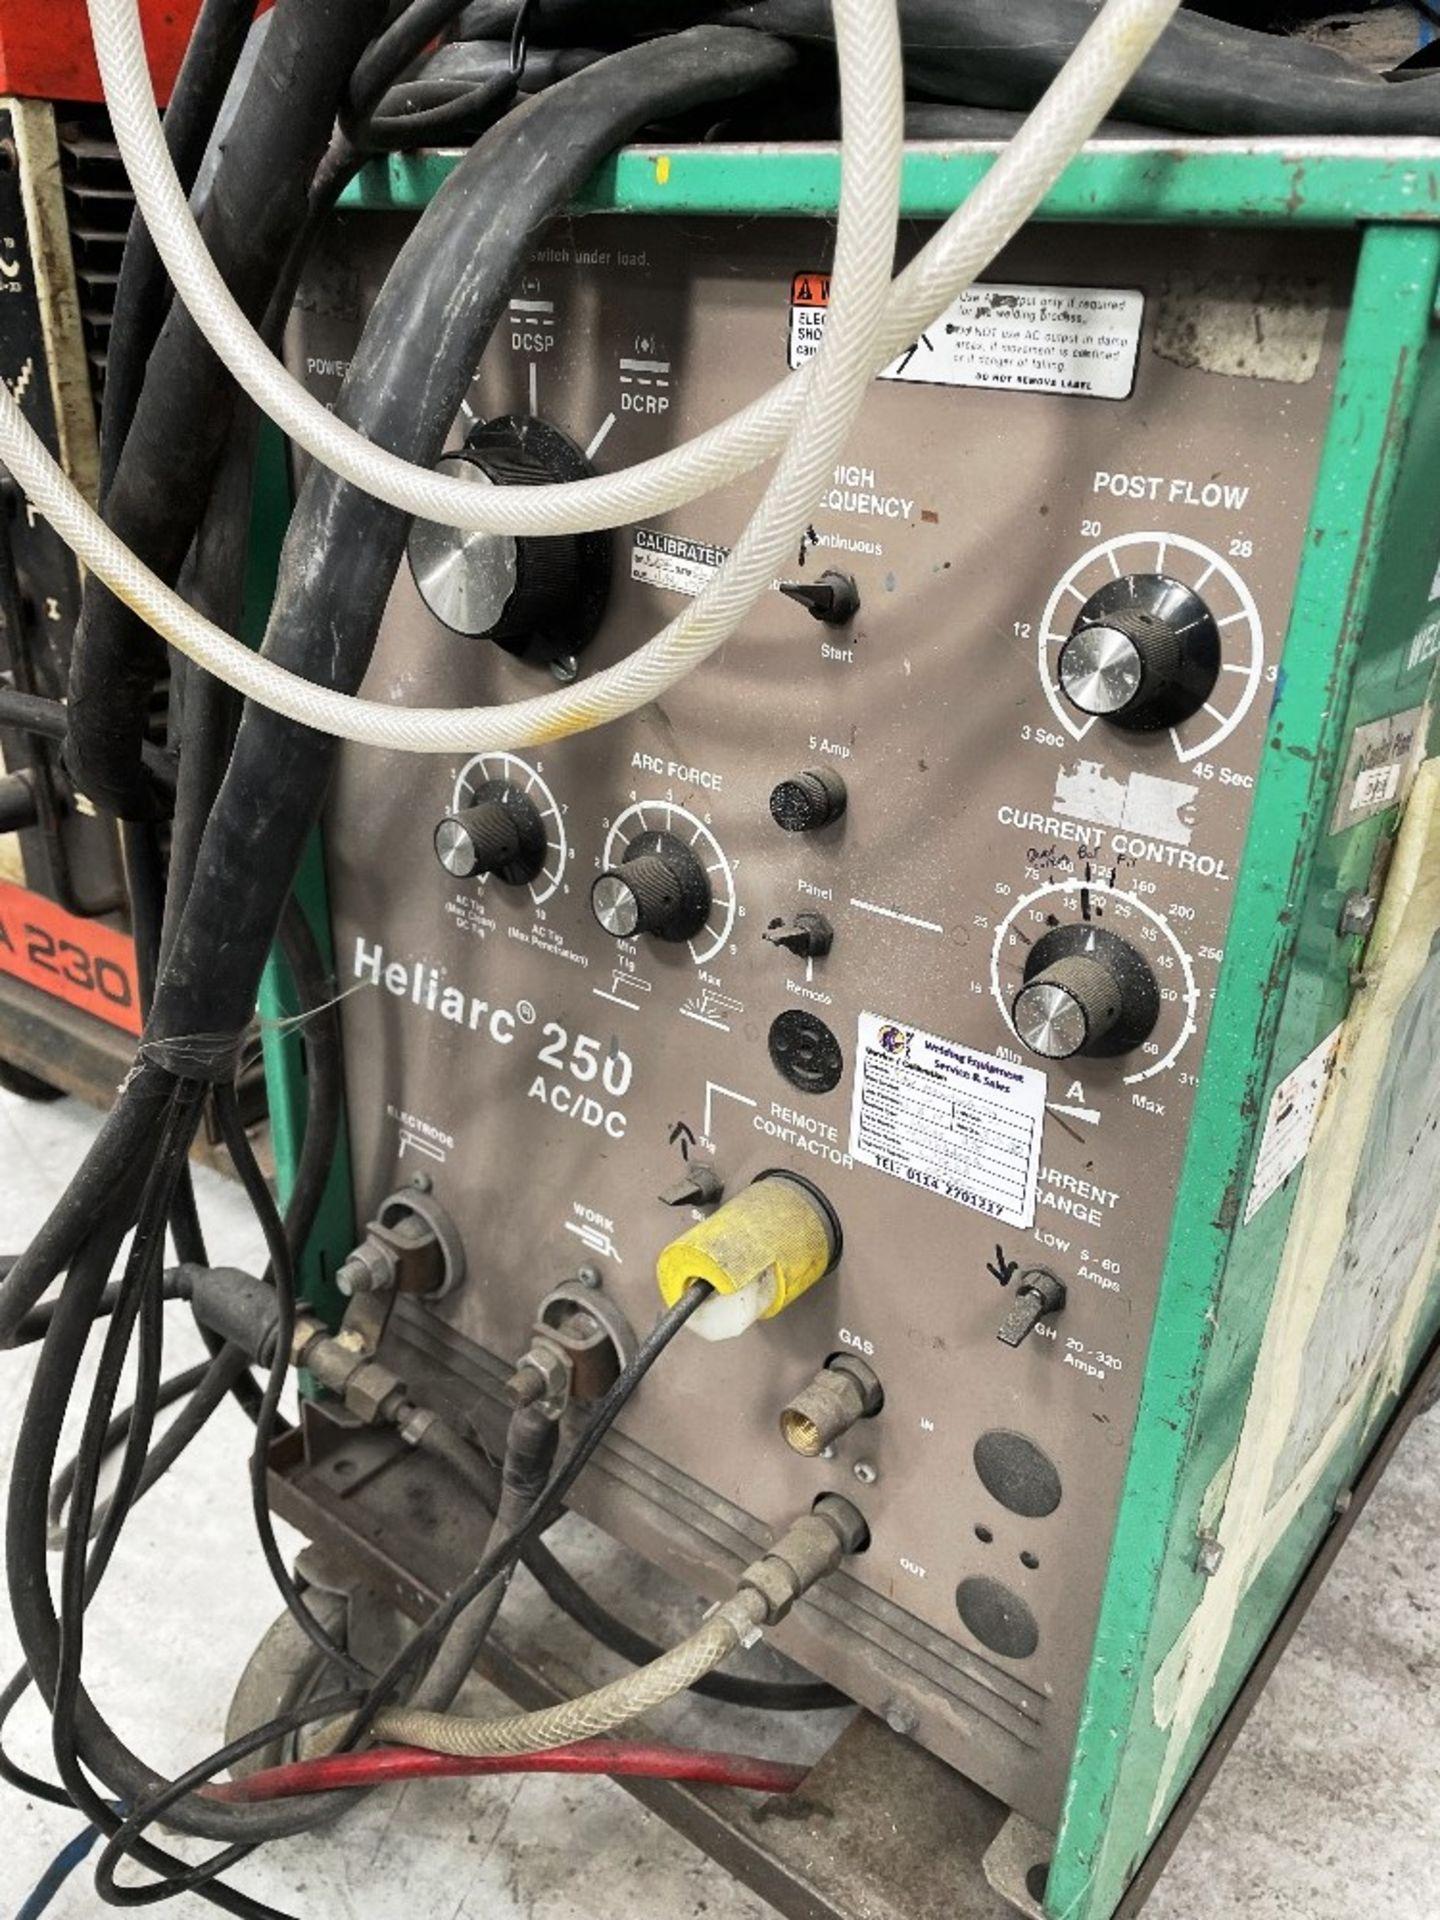 L-Tec Heliarc 250 Tig/Stick Welder w/ Miller Power Source & Water Cooler - Image 3 of 5